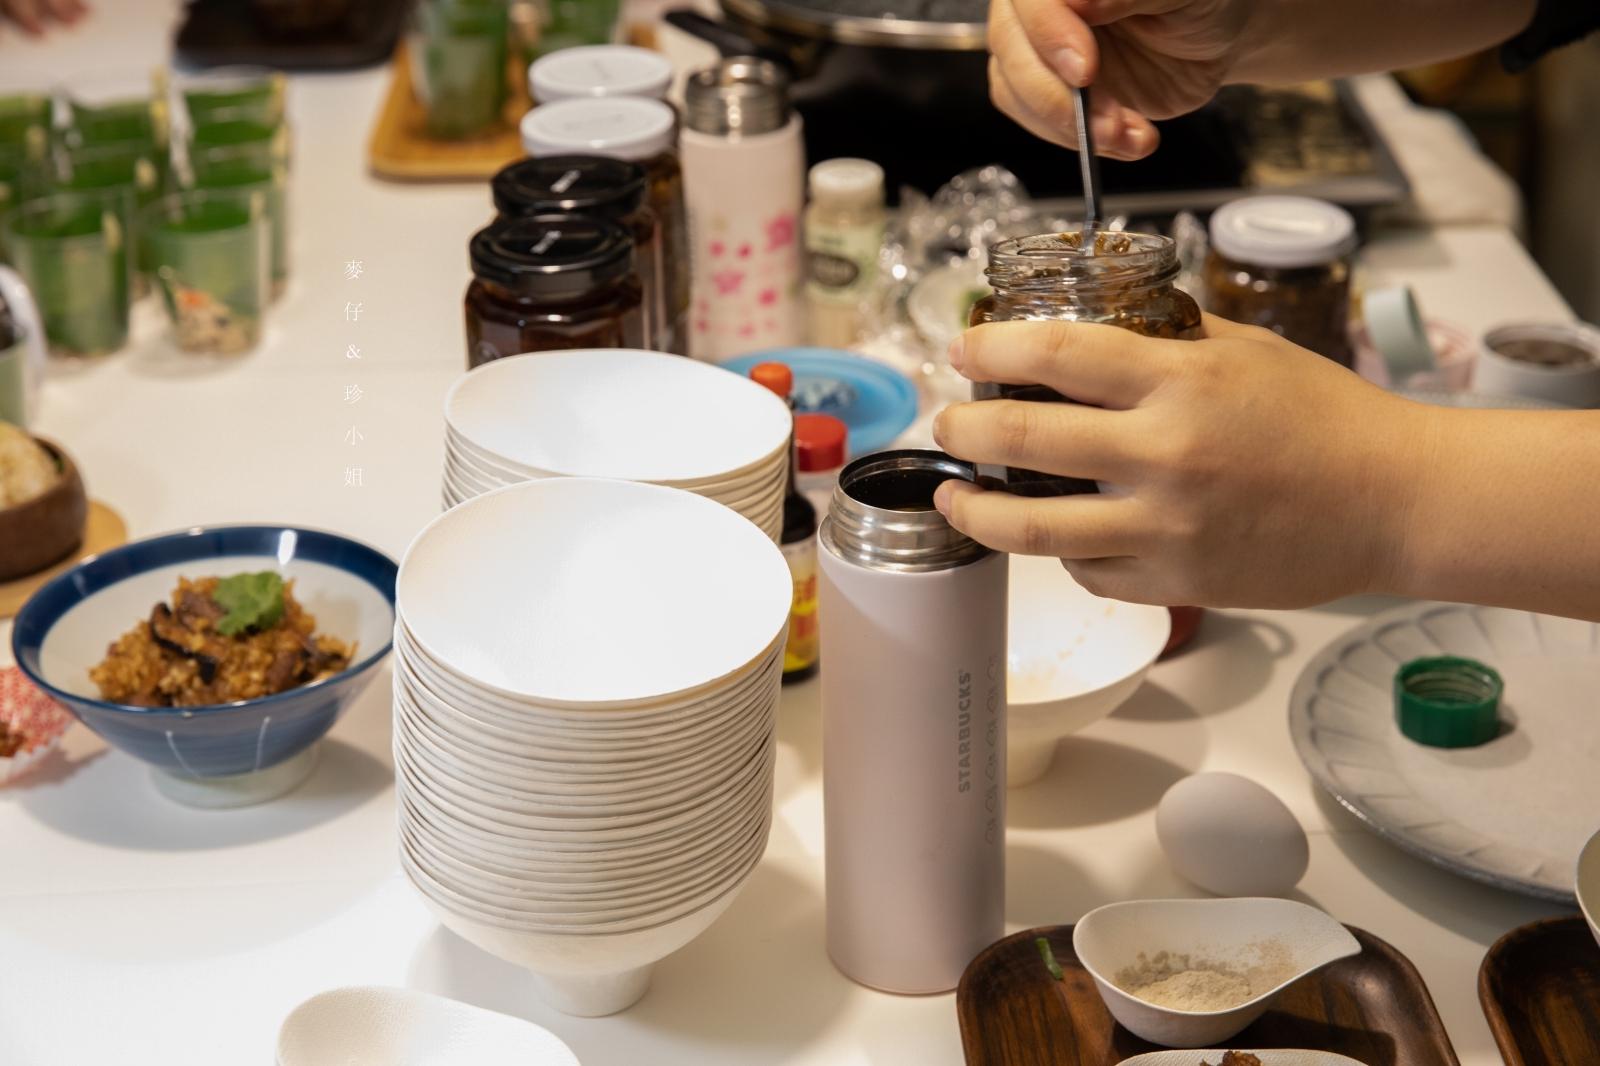 團購美食。川子香脆油蔥醬 / 香辣油蔥醬,一罐在手希望無窮!懶人料理10分鐘輕鬆上桌,上班族、小資族的福音~